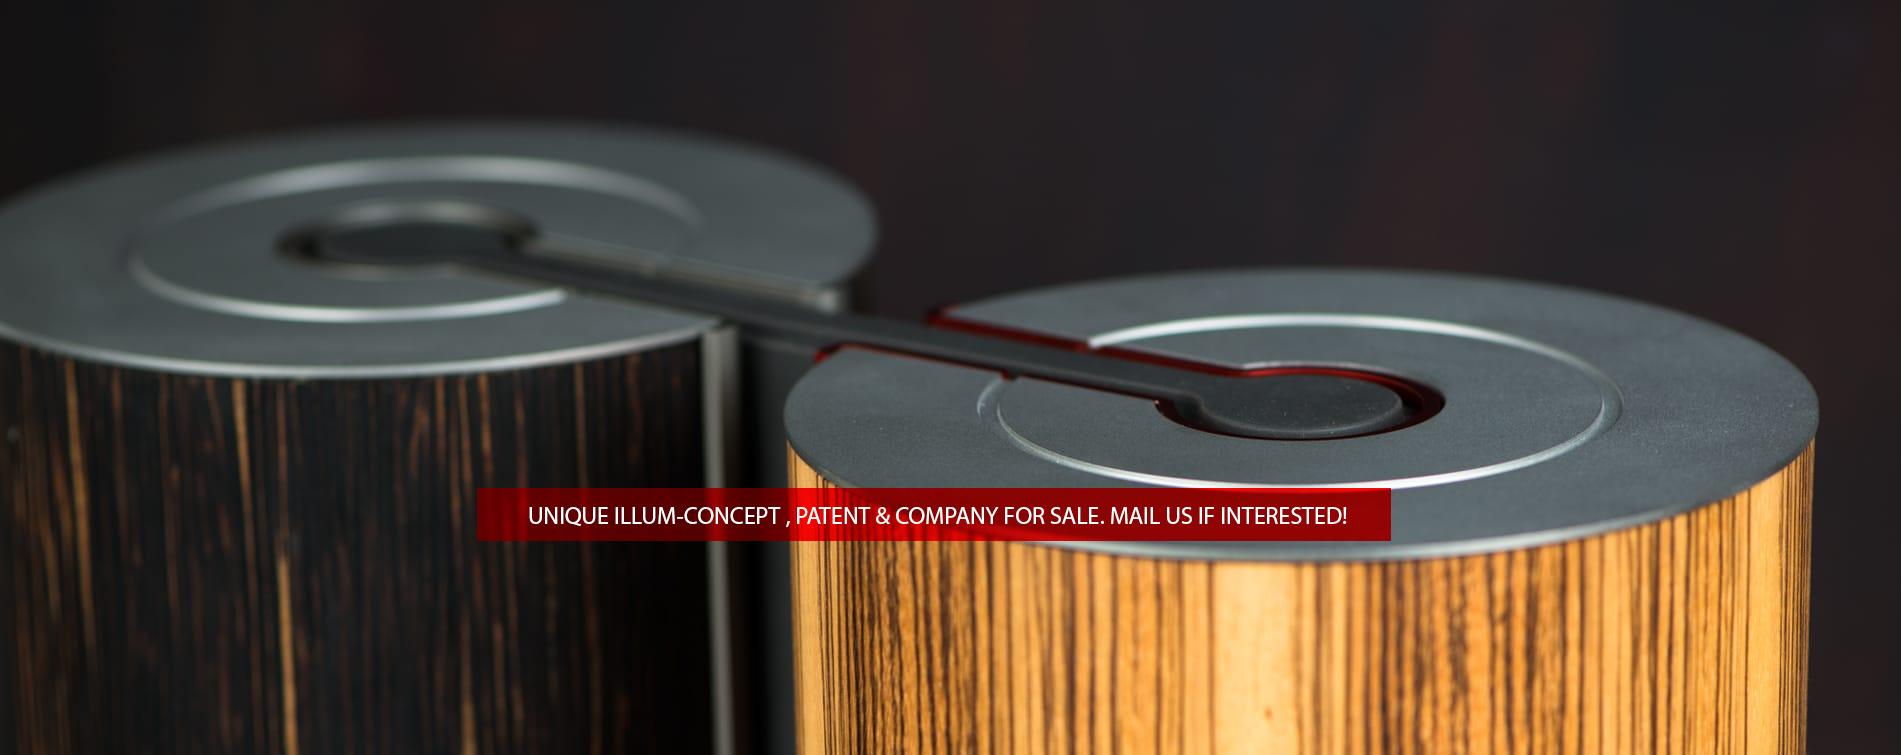 For sale - Illum Concept & Patent